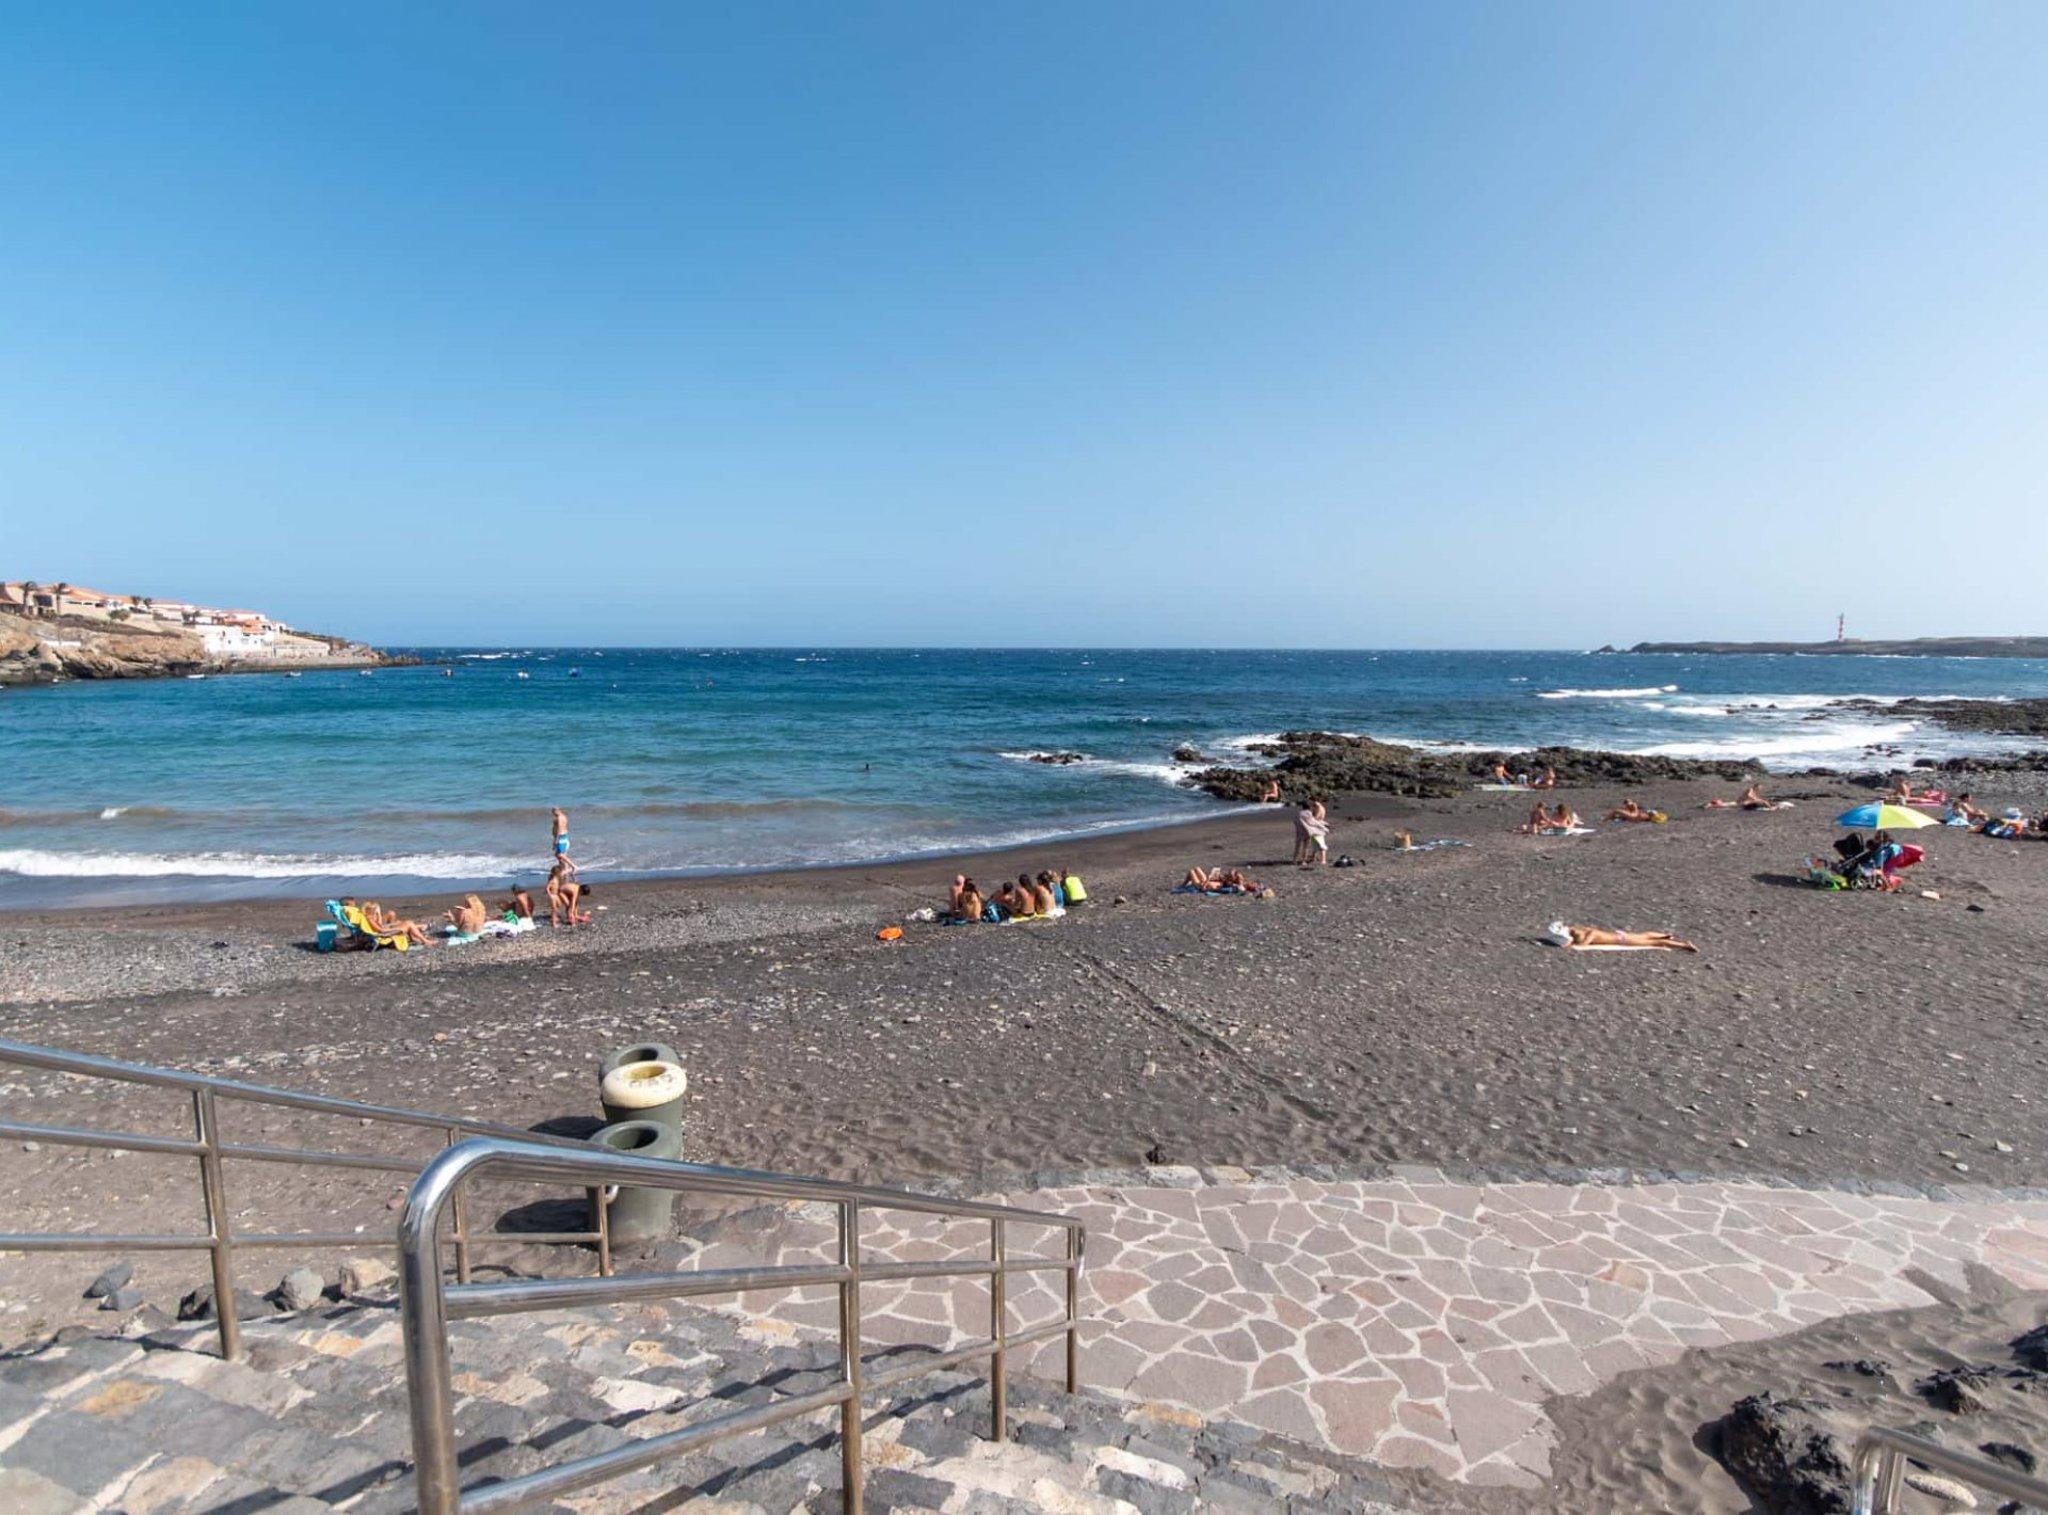 Ferienhaus direkt am Meer mit eigenem Pool (1671160), Poris de Abona, Teneriffa, Kanarische Inseln, Spanien, Bild 31